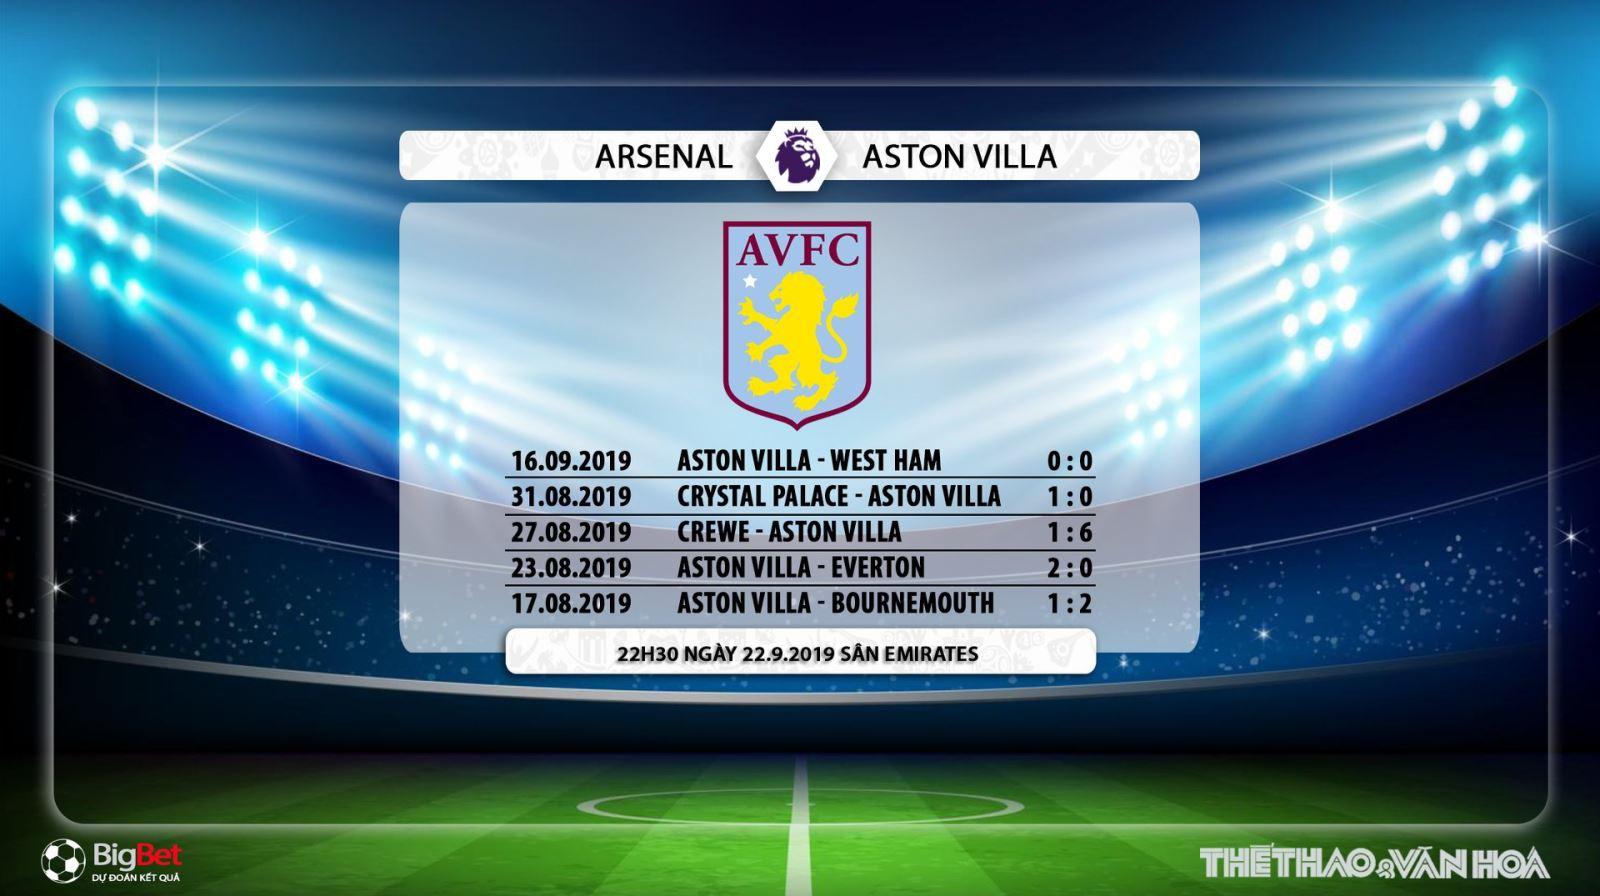 truc tiep bong da hôm nay, Arsenal, Arsenal đấu với Aston Villa, trực tiếp bóng đá,Arsenal vs Aston Villa, soi keo bong da,Arsenal, xem bóng đá trực tiếp, Ngoại hạng Anh